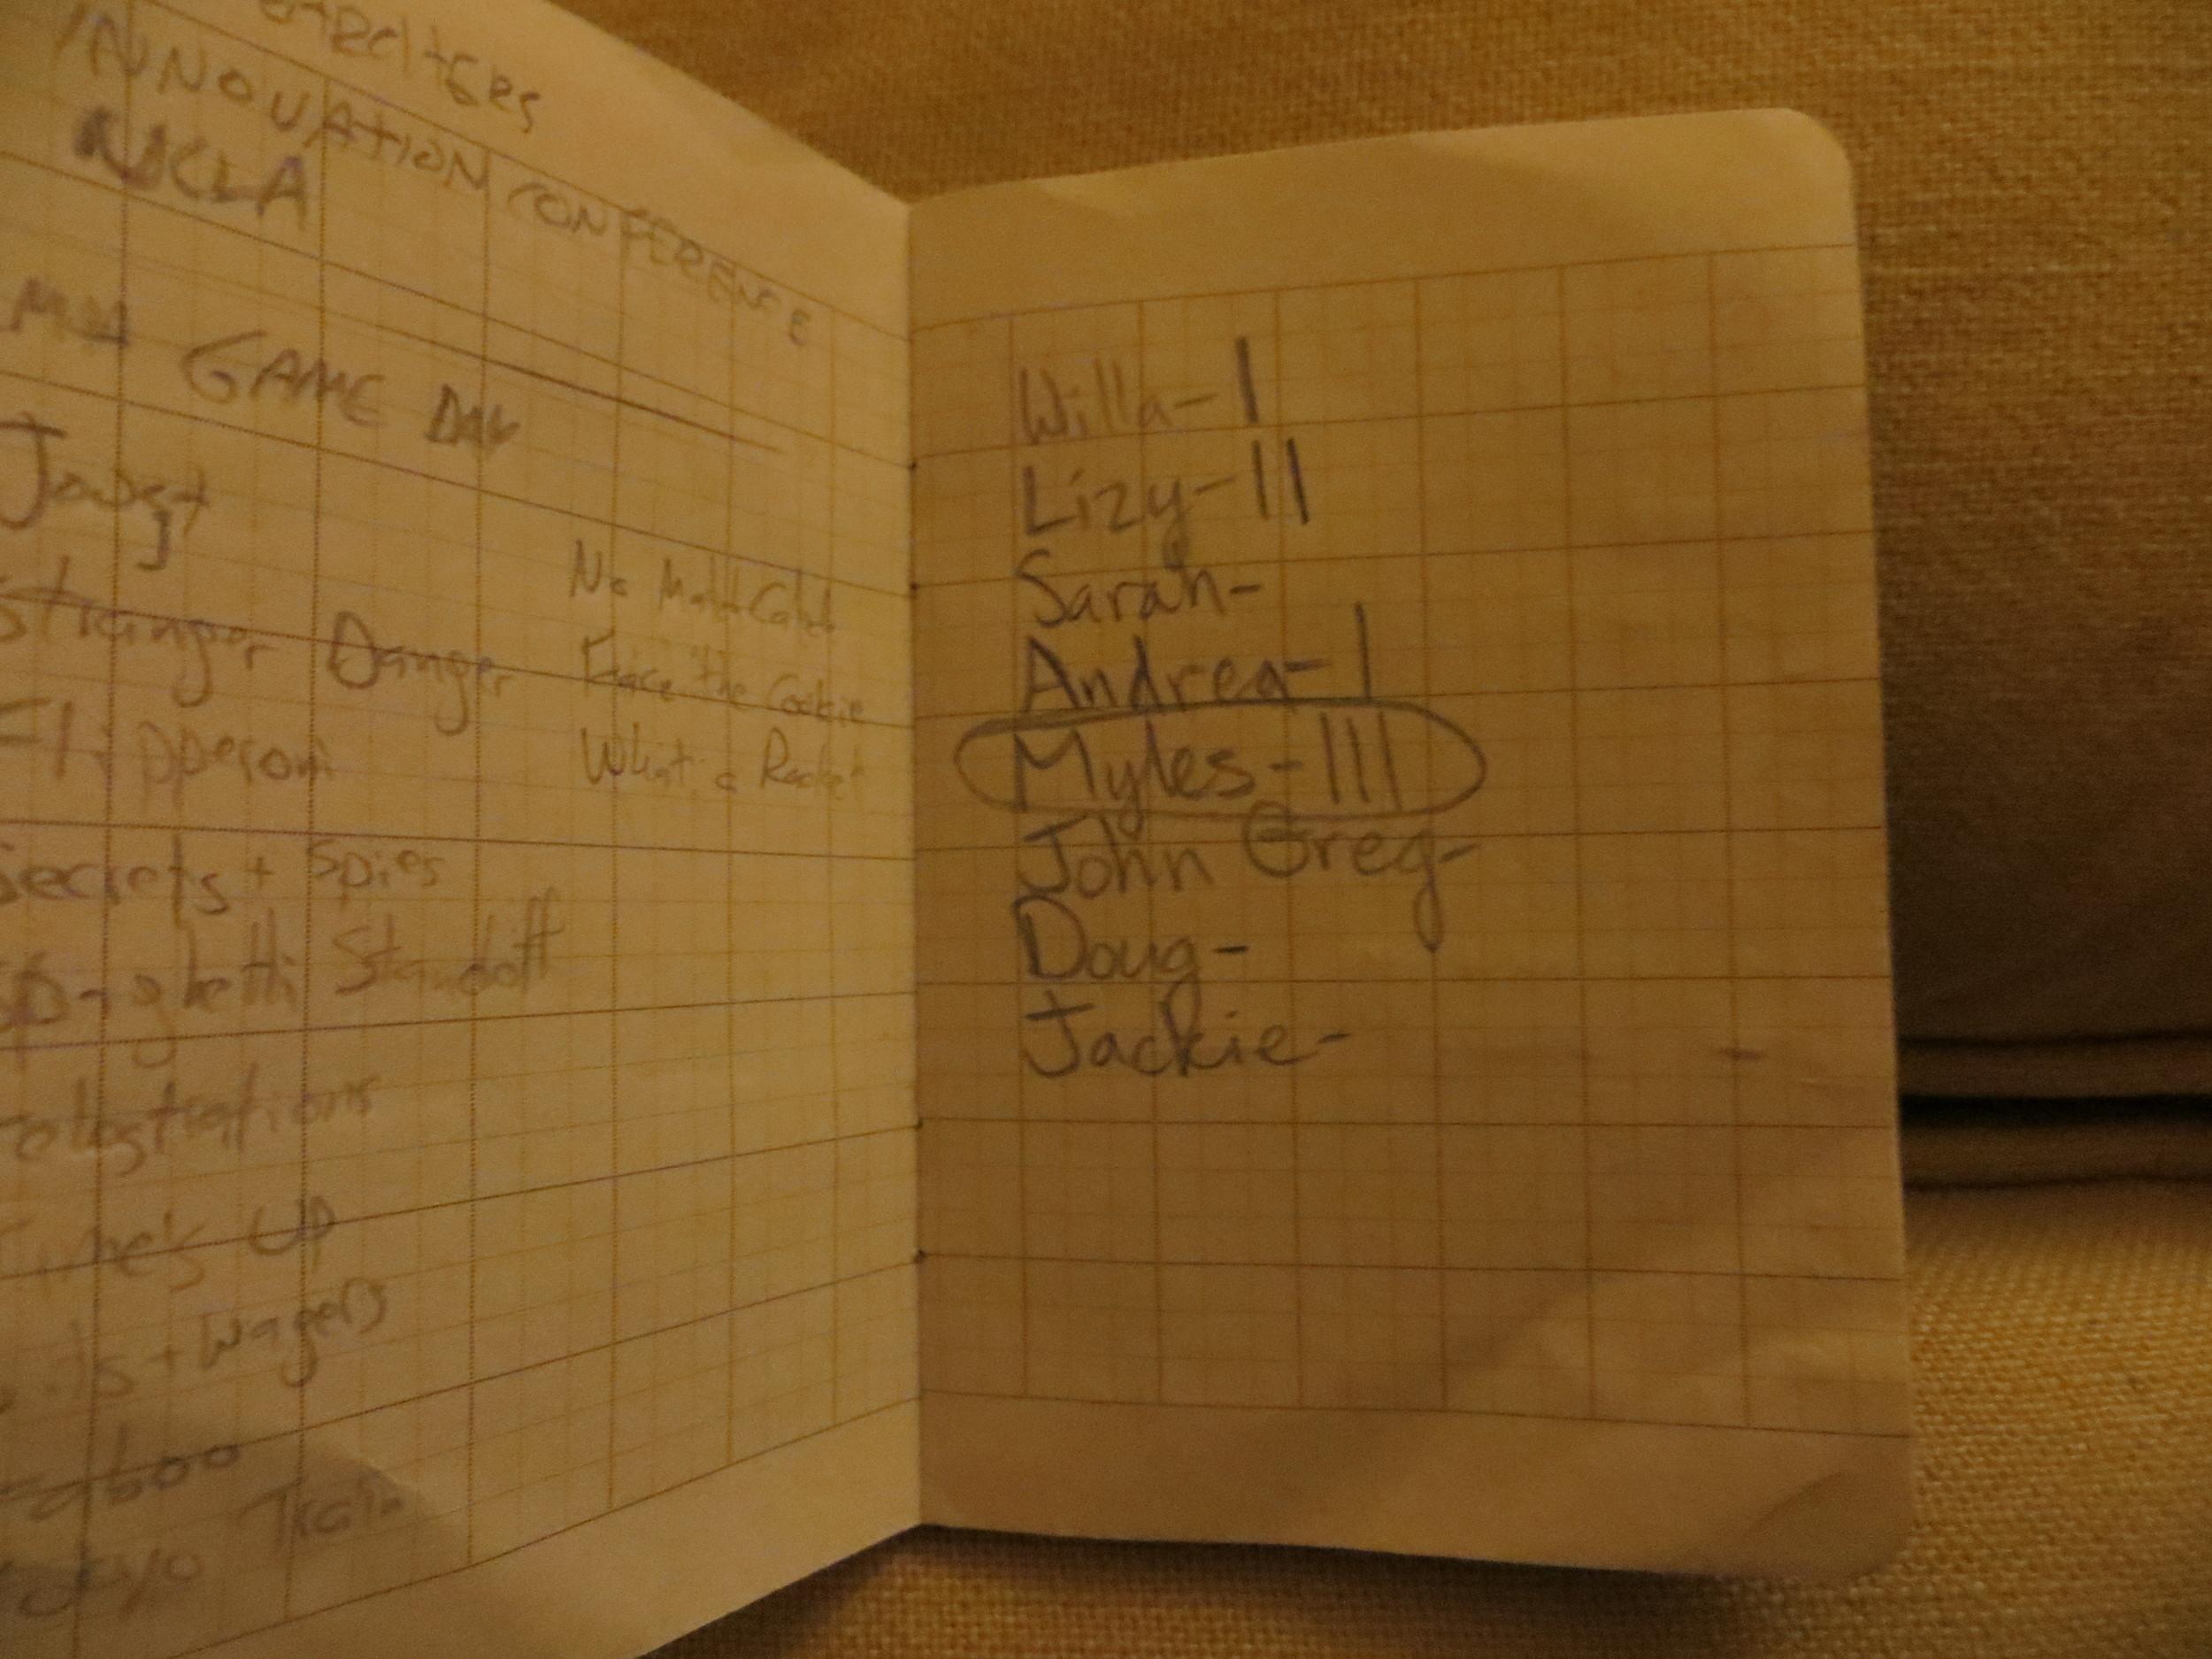 Jackie was scorekeeper in my book.